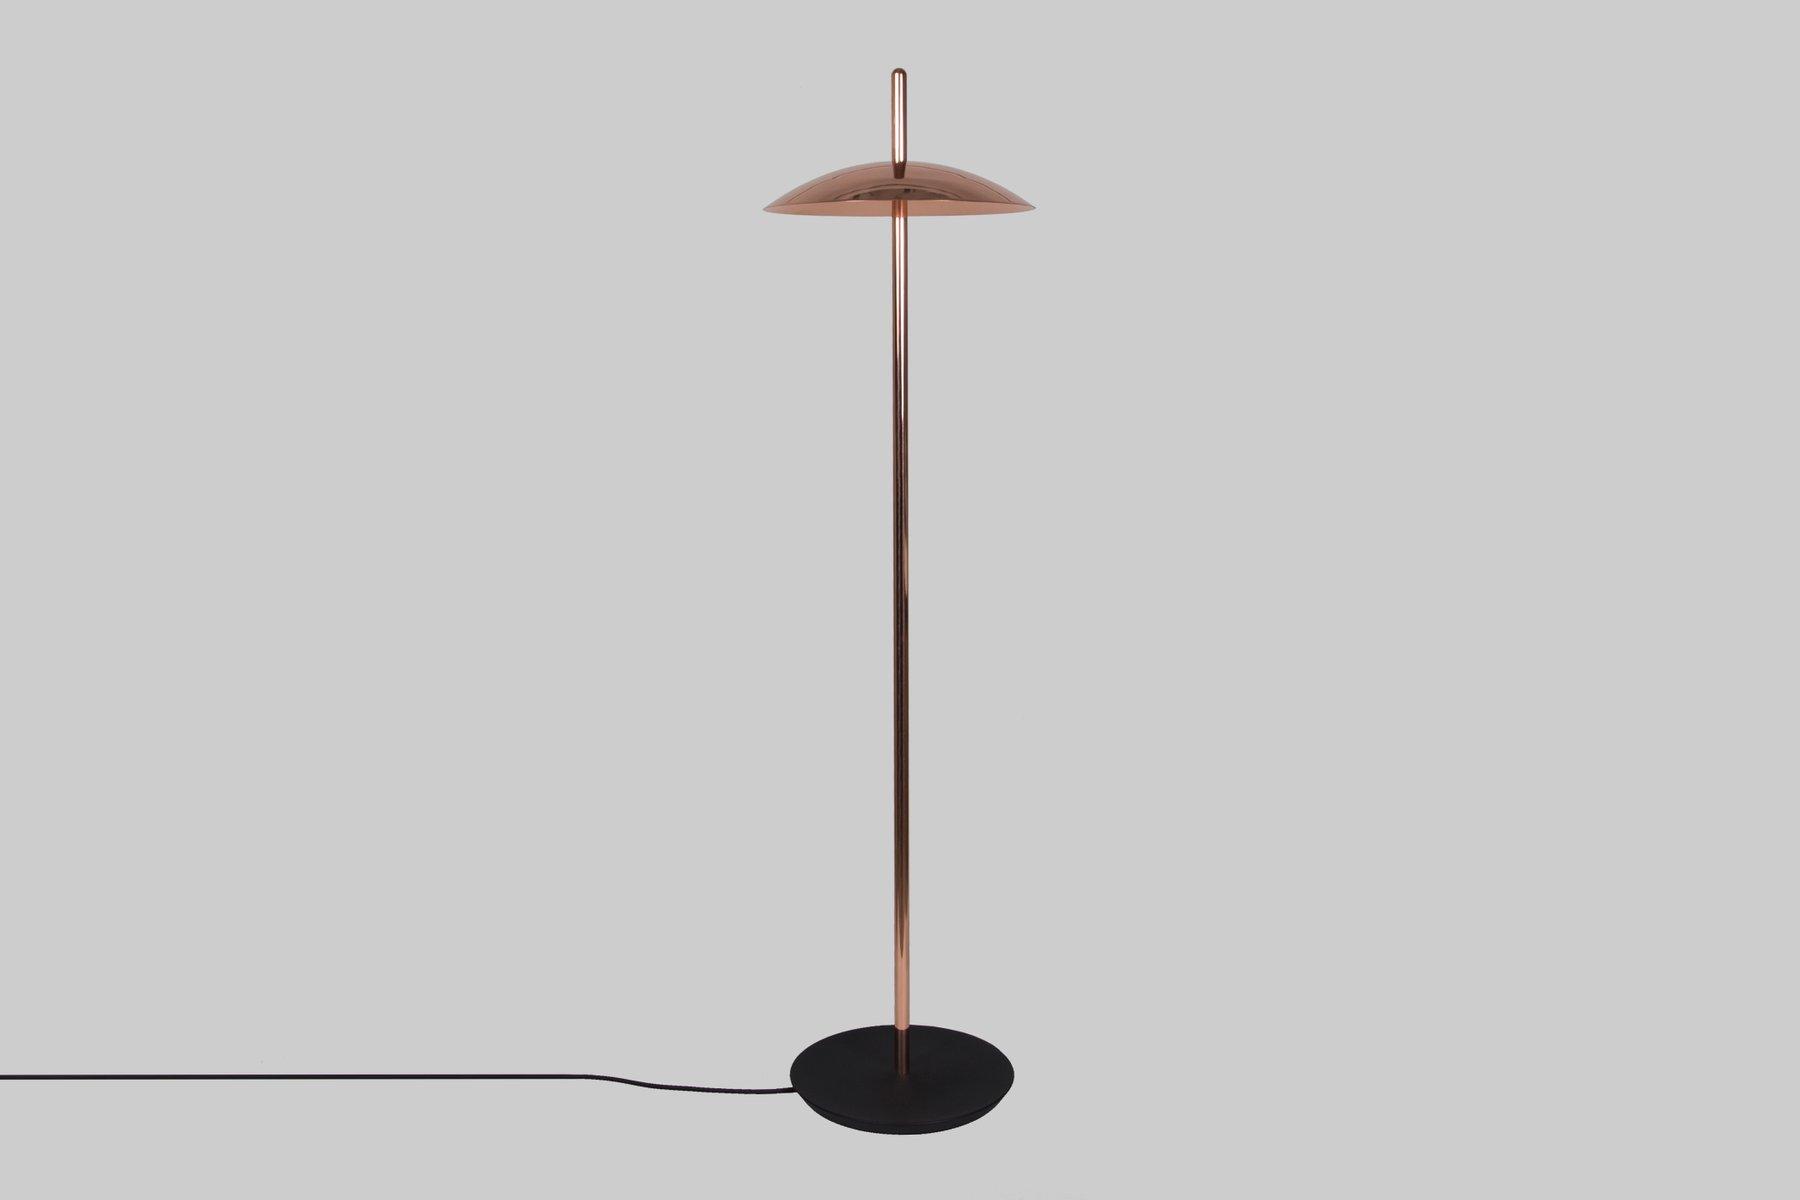 signal stehlampe aus kupfer von shaun kasperbauer f r souda bei pamono kaufen. Black Bedroom Furniture Sets. Home Design Ideas